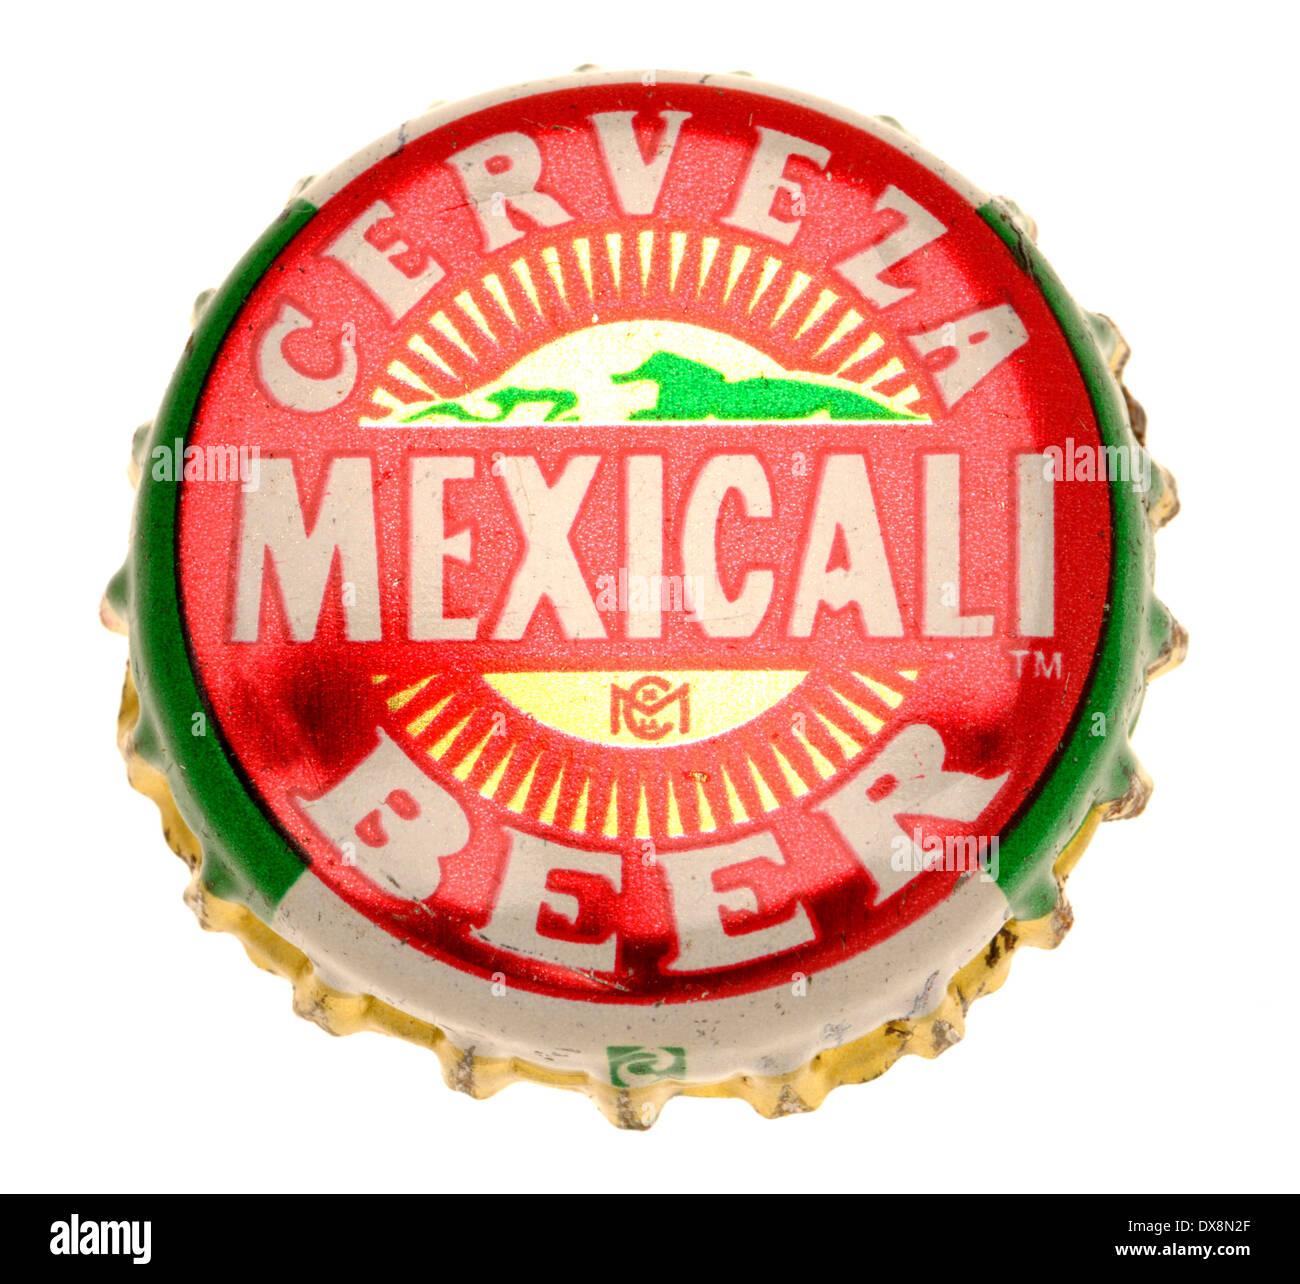 Beer bottle cap - Mexicali Cerveza - Stock Image